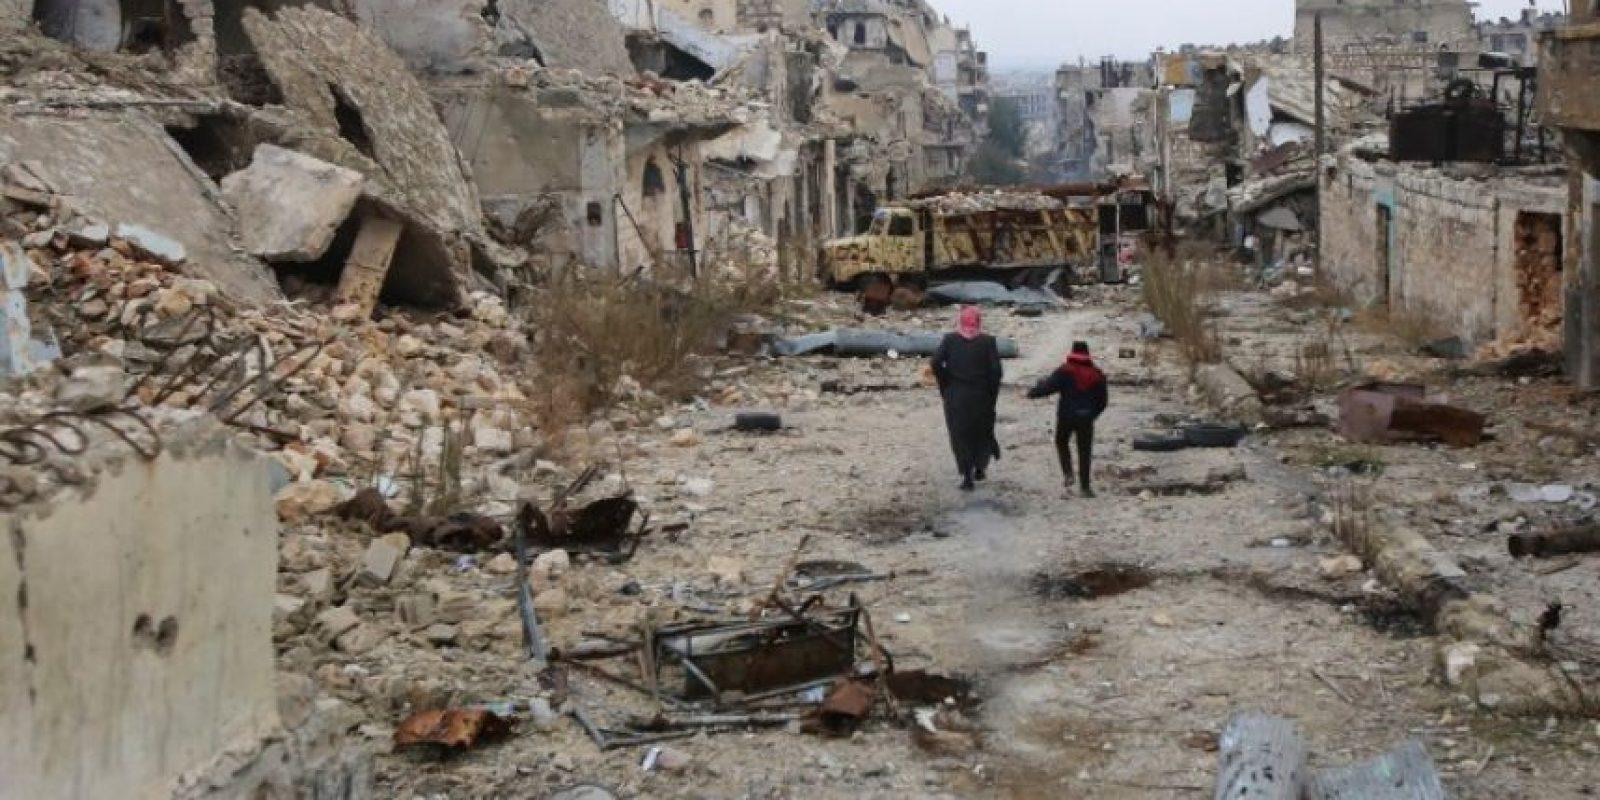 Unas 500 personas han llegado a bordo de decenas de autobuses a zonas bajo el control de las autoridades sirias en Alepo procedentes de Fua y Kefraya, en la vecina provincia de Idleb y rodeadas por el Frente de la Conquista del Levante (exfilial siria de Al Qaeda) y otras facciones. Foto:Afp. Imagen Por: